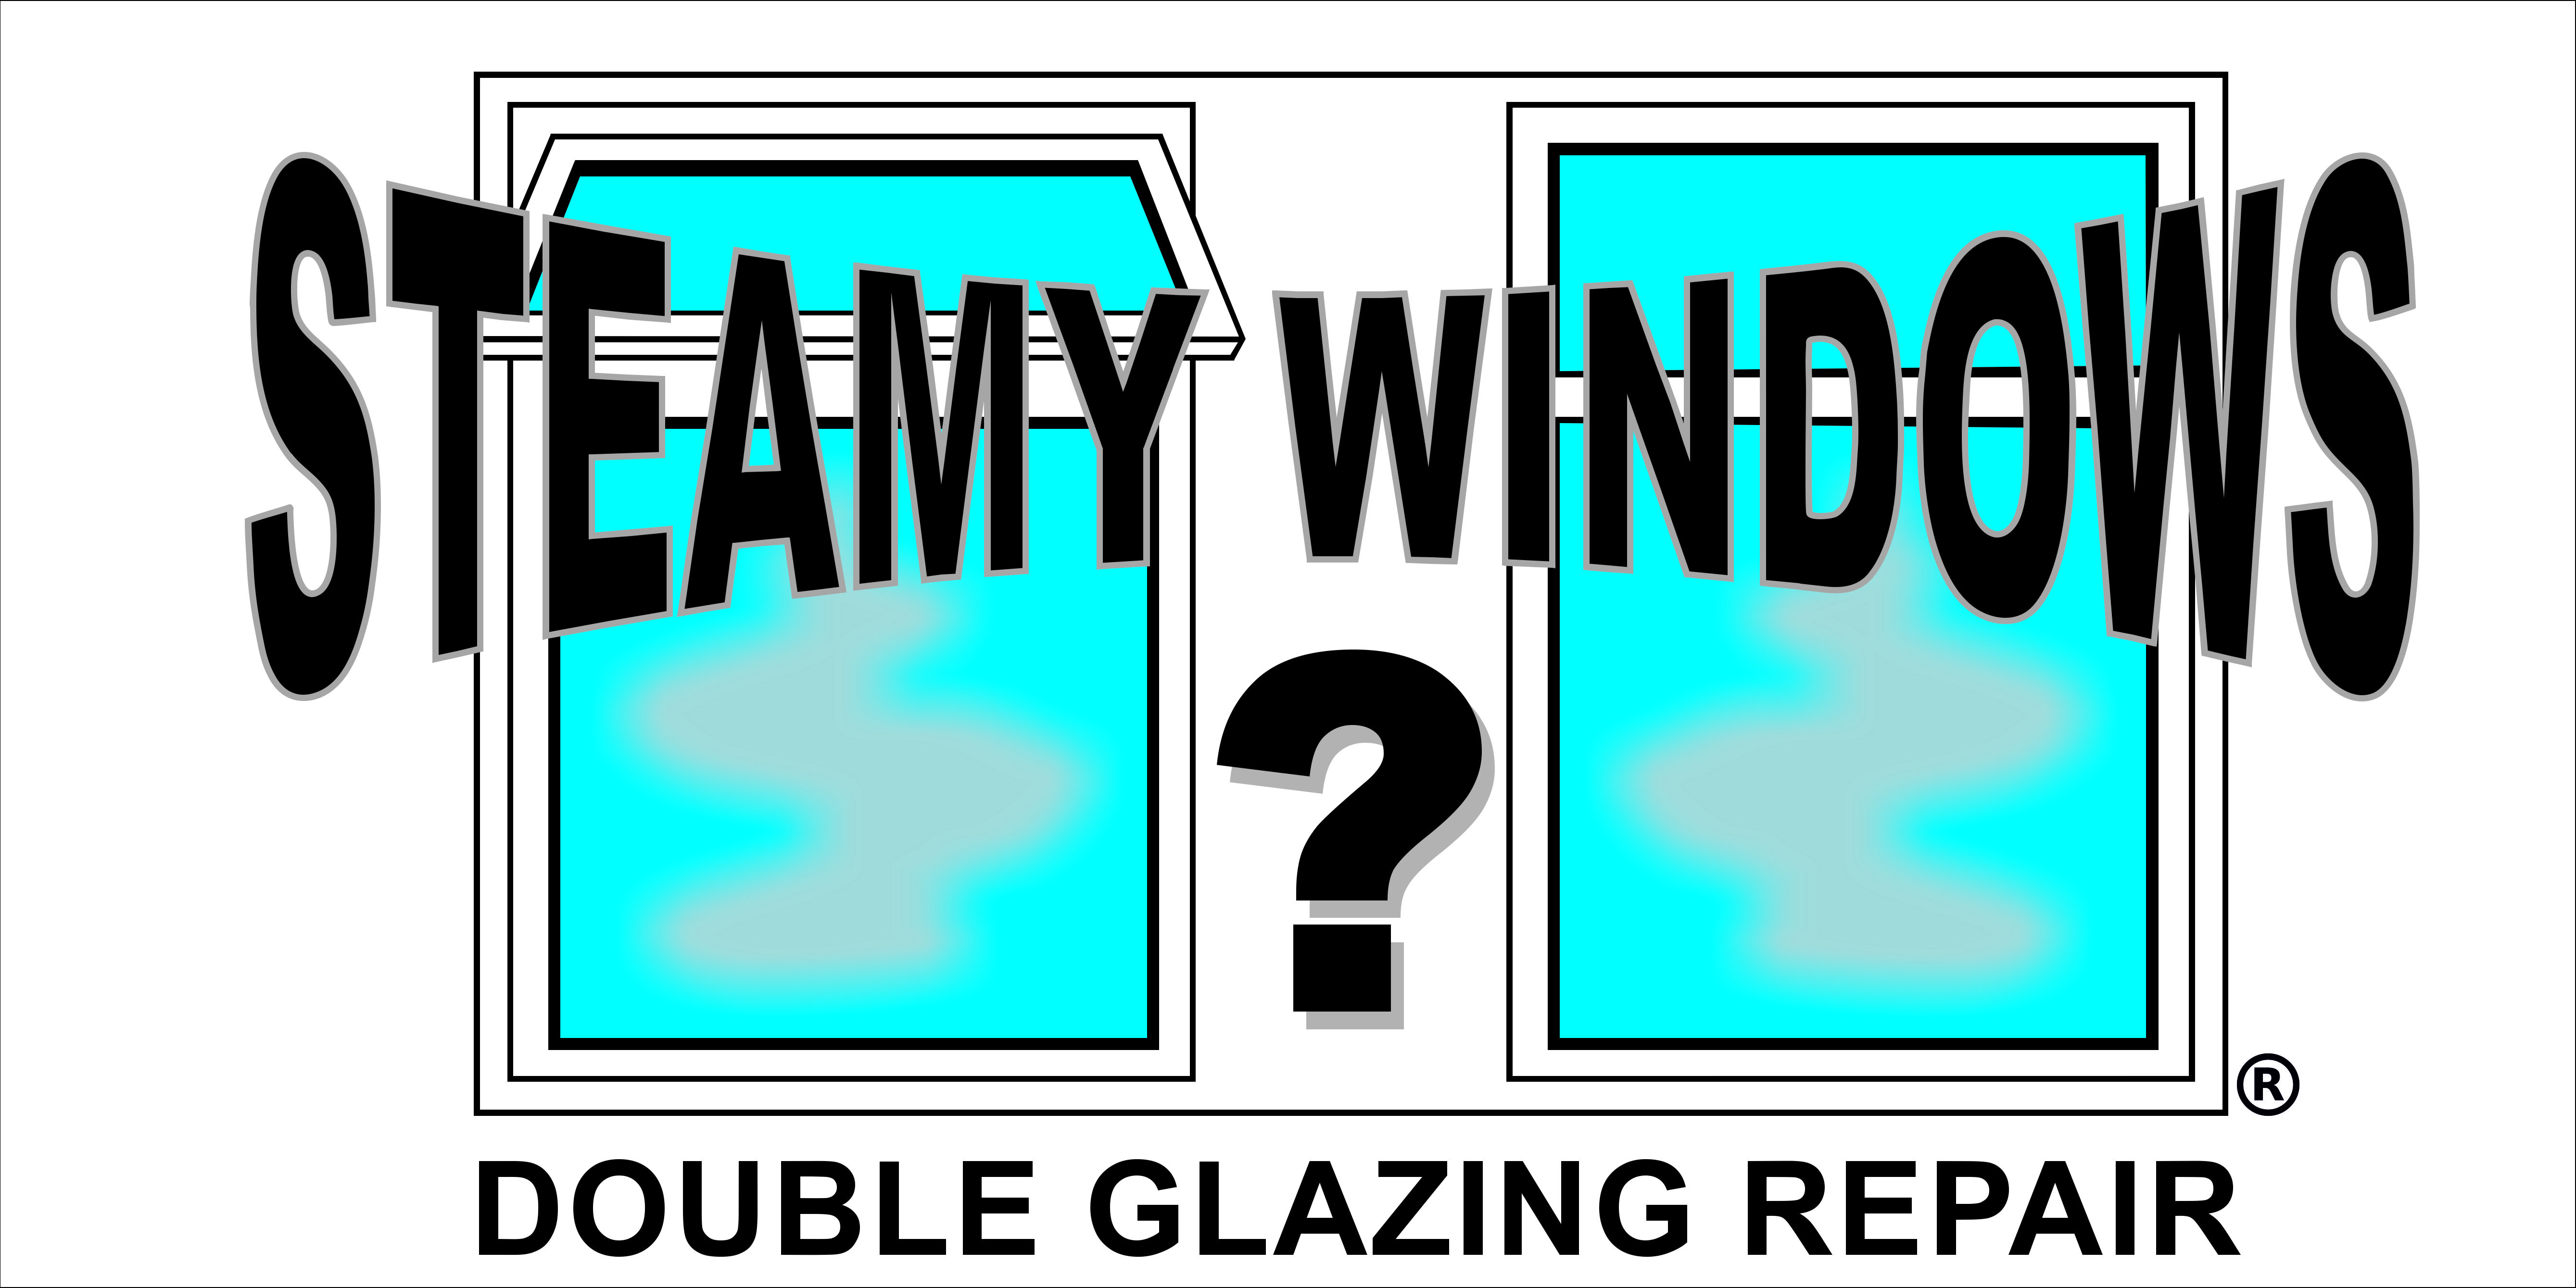 Steamy Windows